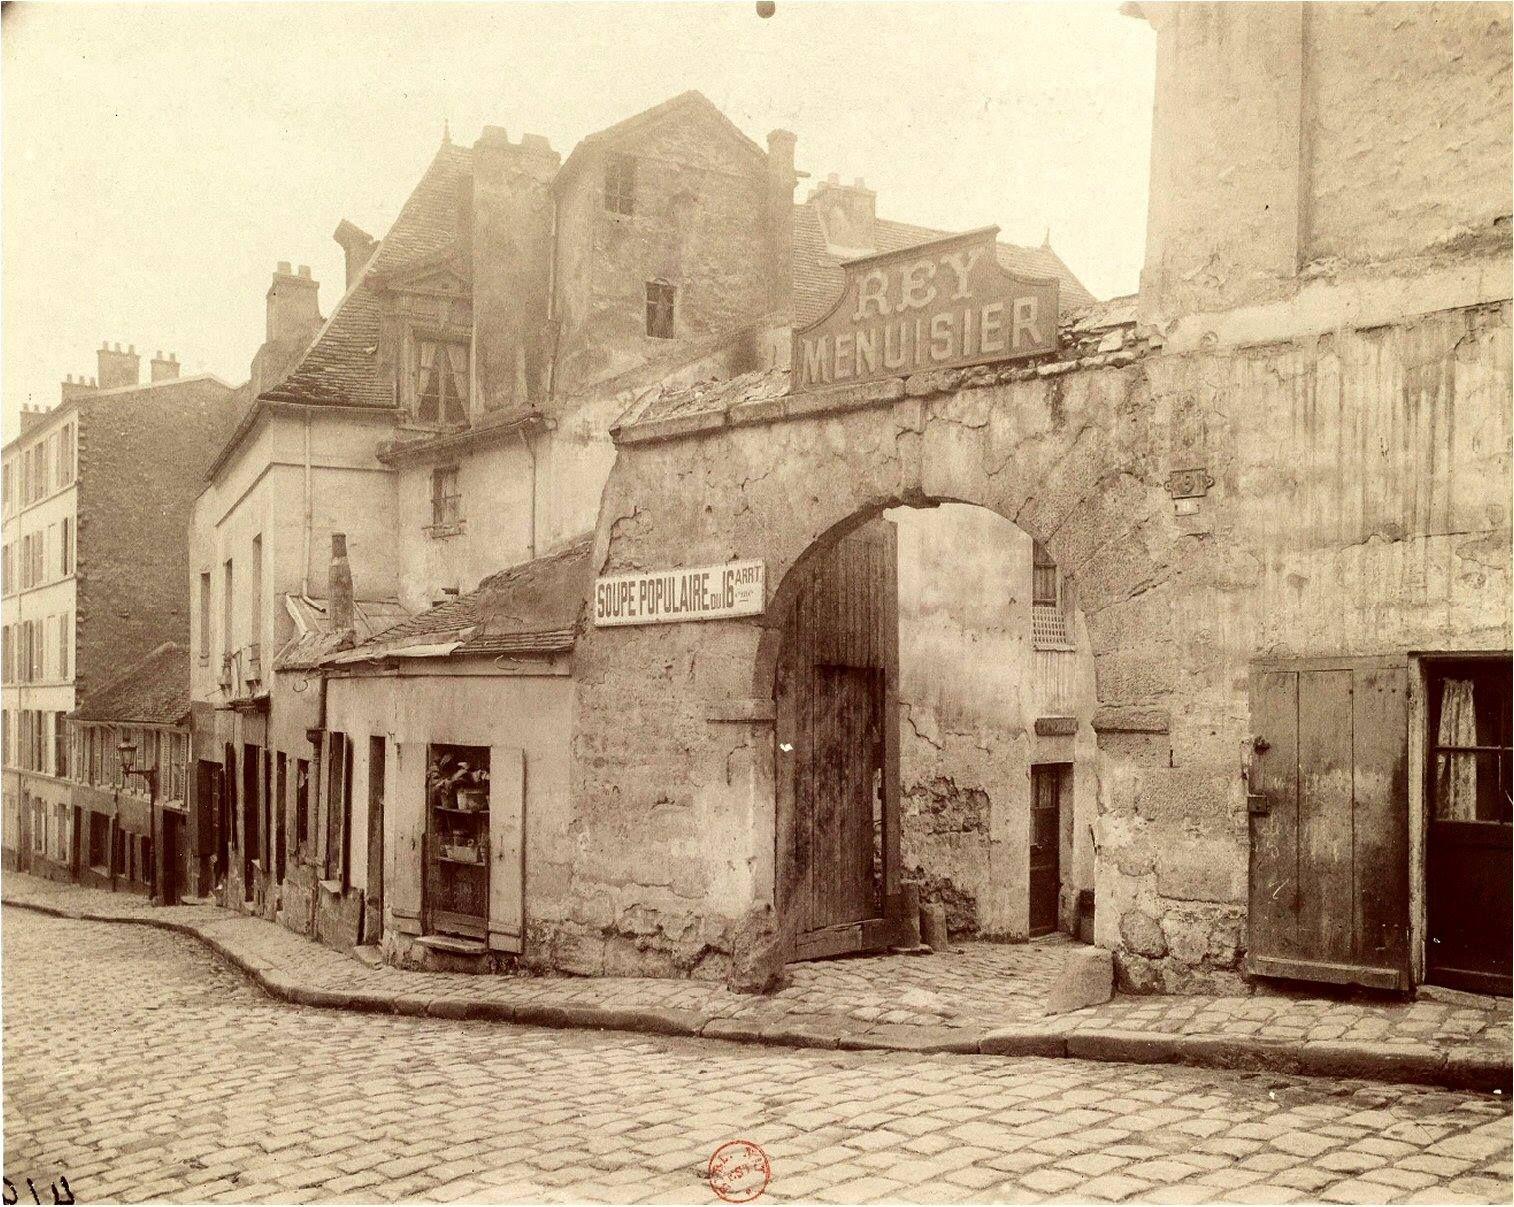 L'immense compositeur Ludwig van Beethoven (1770-1827) est mort il y a 189 ans. Voici la rue parisienne qui porte son nom, photographiée par Eugène Atget en 1901, où on voit l'ancien couvent des Minimes de Chaillot qui abritait alors la Soupe populaire du... 16ème arrondissement! Paris d'antan, Facebook.